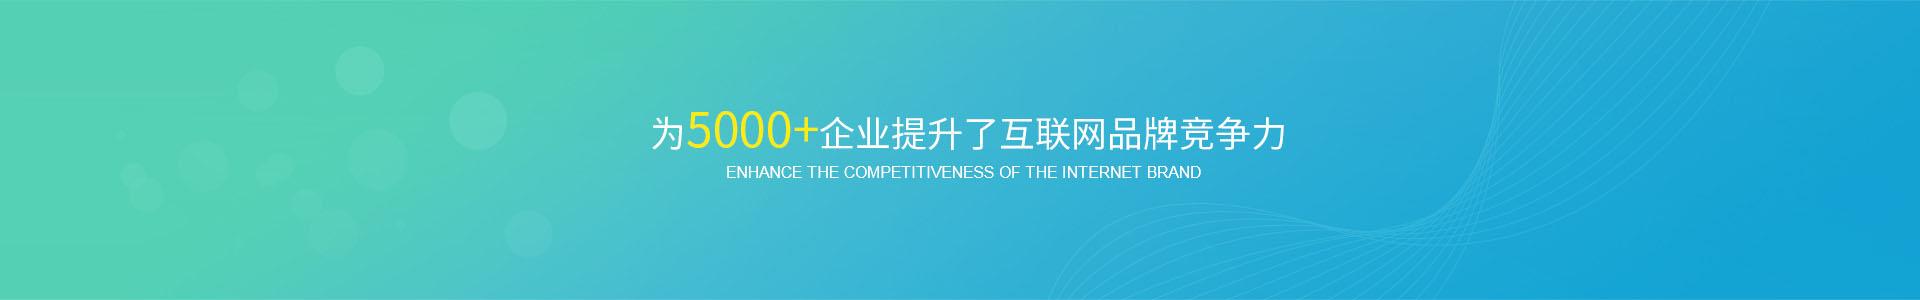 为5000+企业提升了互联网品牌竞争力